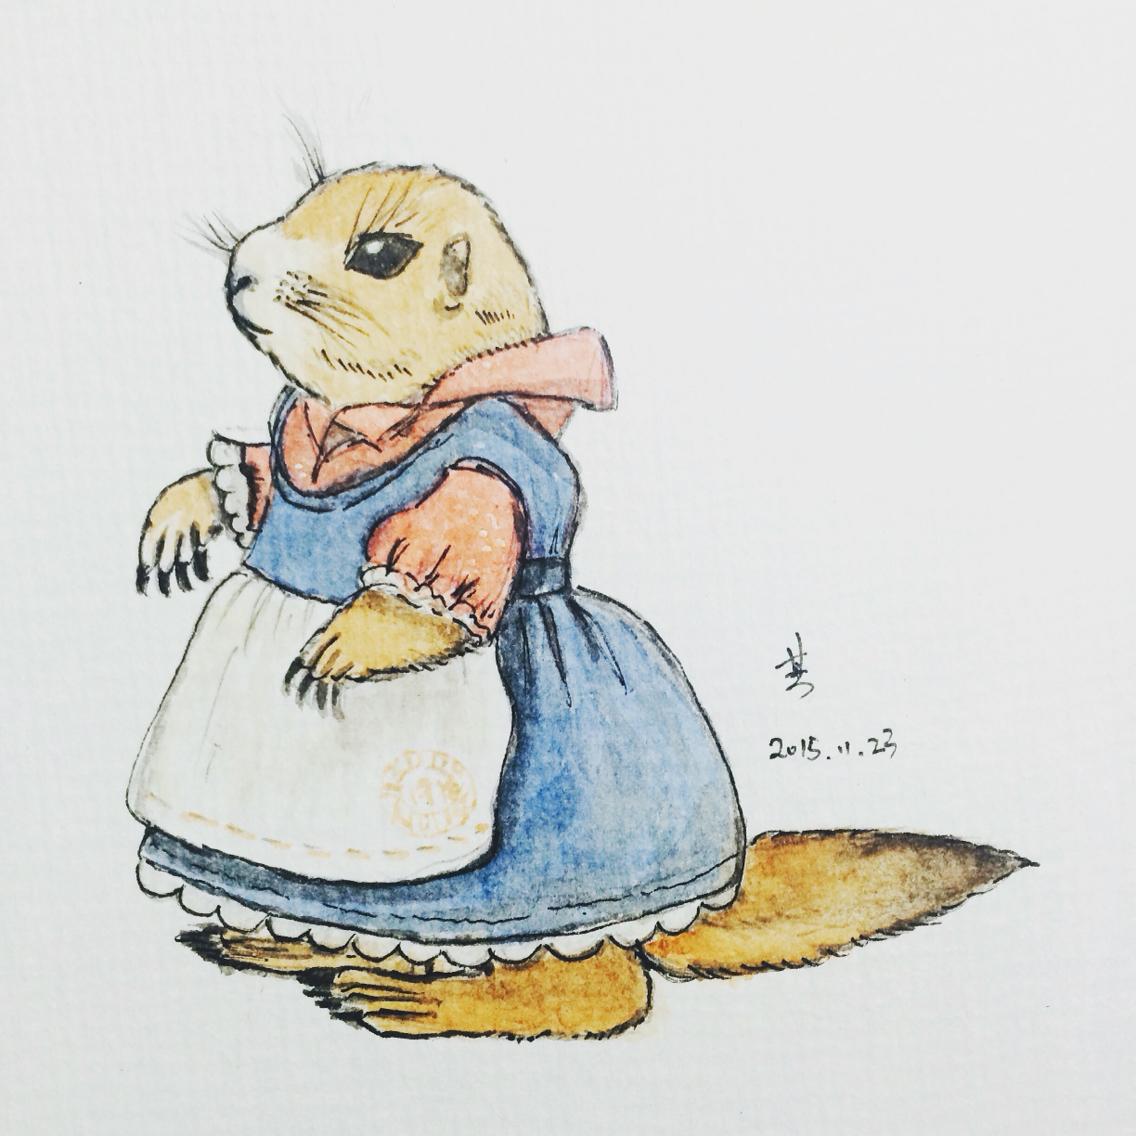 手绘 土拨鼠 |插画|儿童插画|小鼠松 - 原创作品